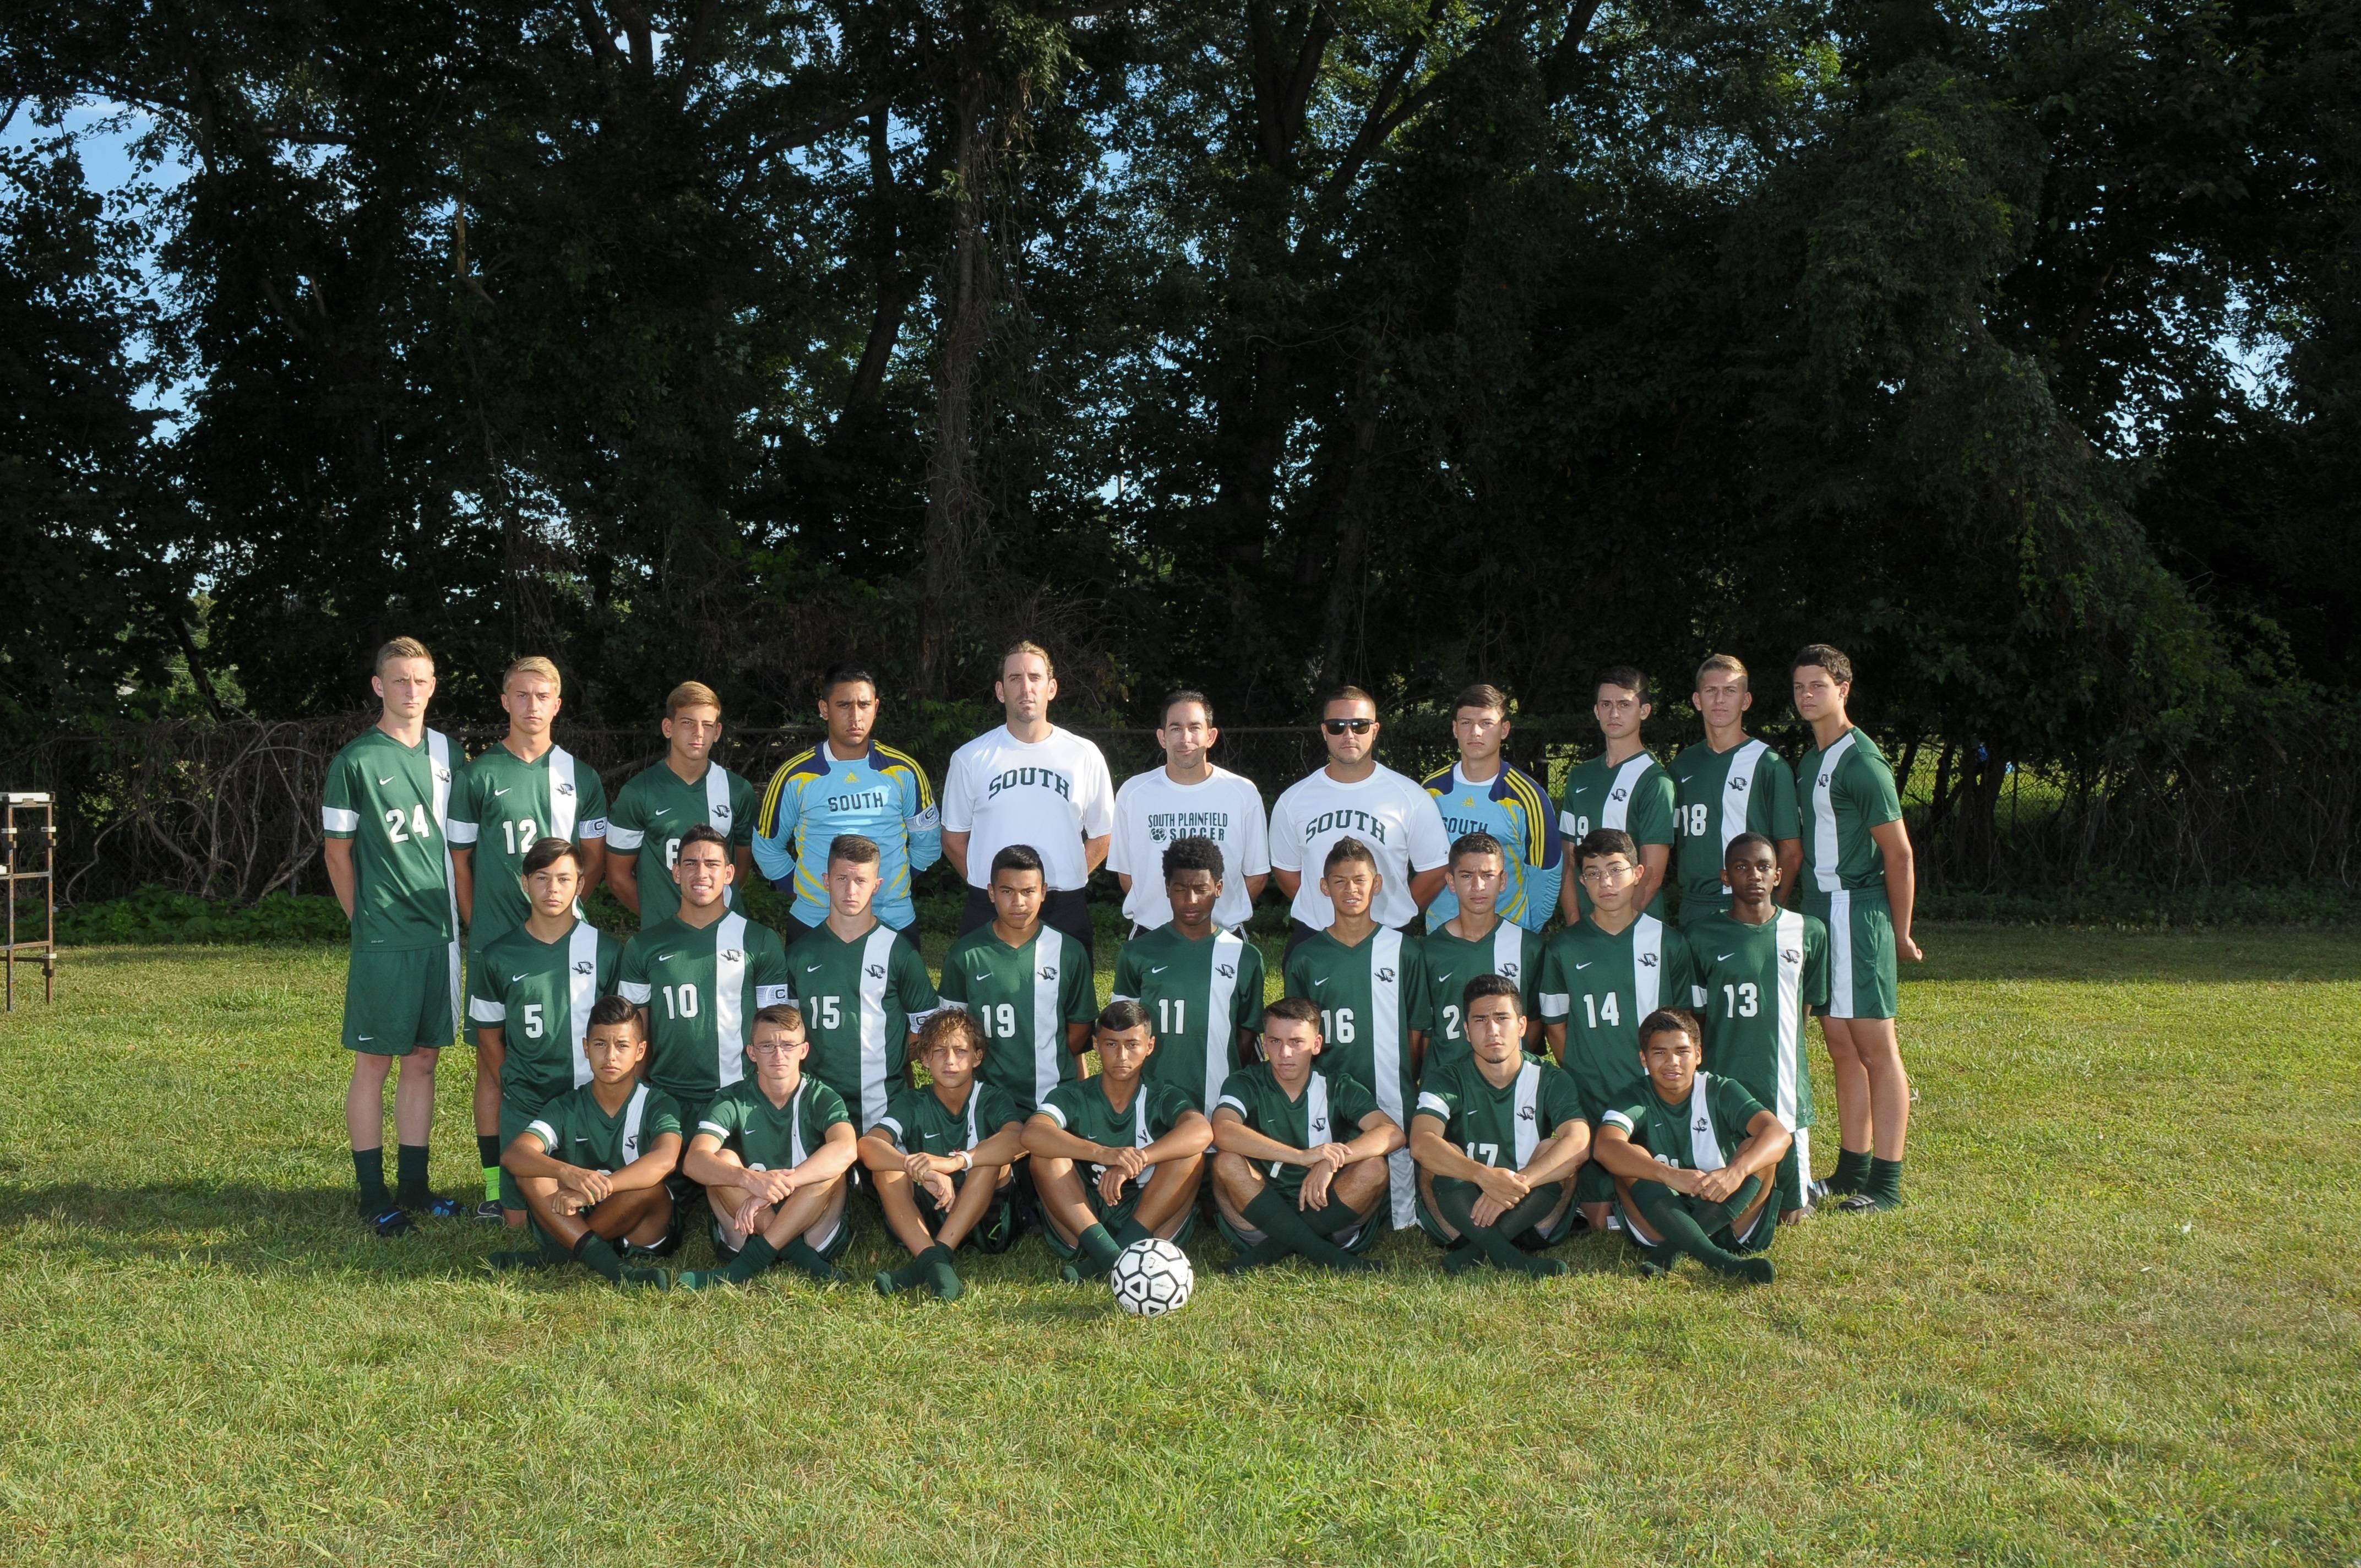 c9e6f7605d0864fc3662_SPHS_Boys_Soccer_2016.jpg